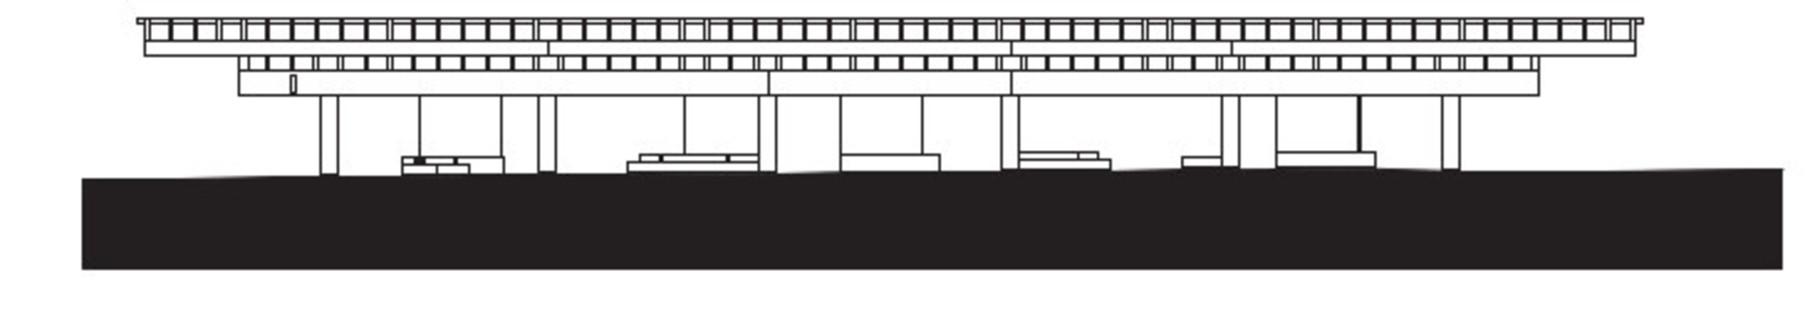 Structure mixte de béton et bois lamellé pour un auvent à Umeå en Suède.